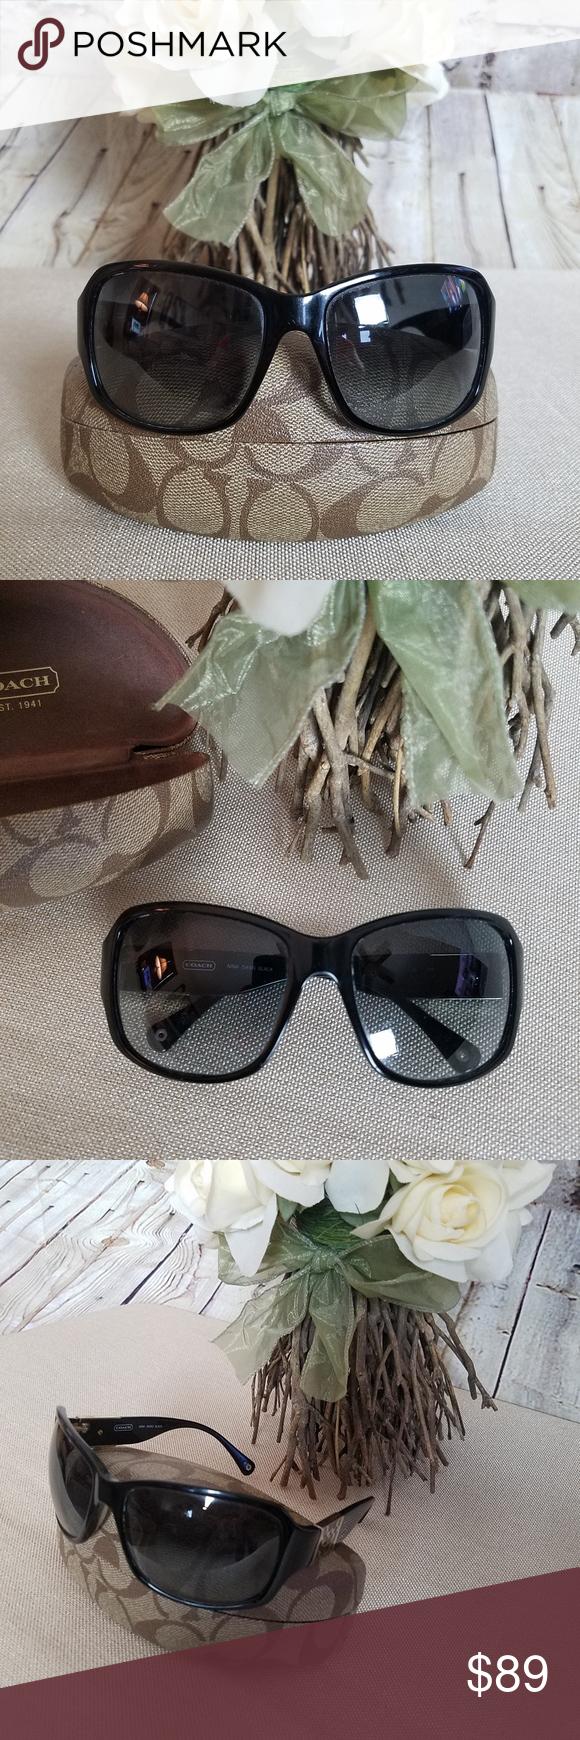 ad85f24baa4a ... wholesale coach nina black gradient signature c sunglasses 4fedf 66e20